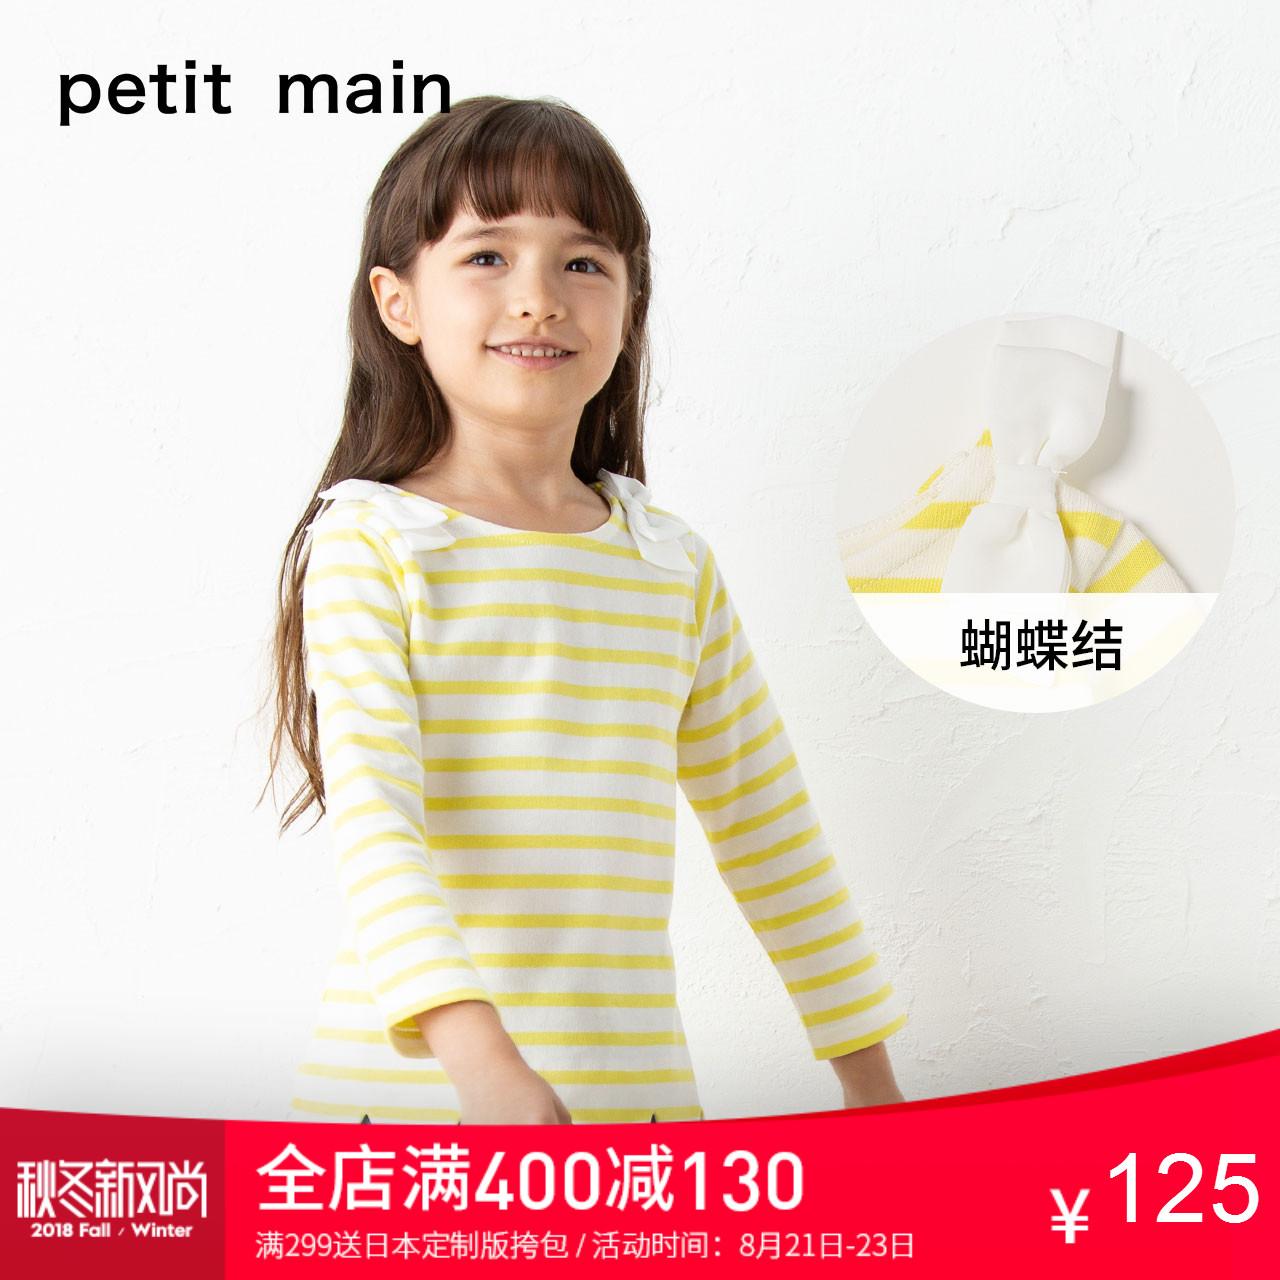 petitmain童装女童条纹长袖T恤中小童全棉休闲百搭2018秋季新款